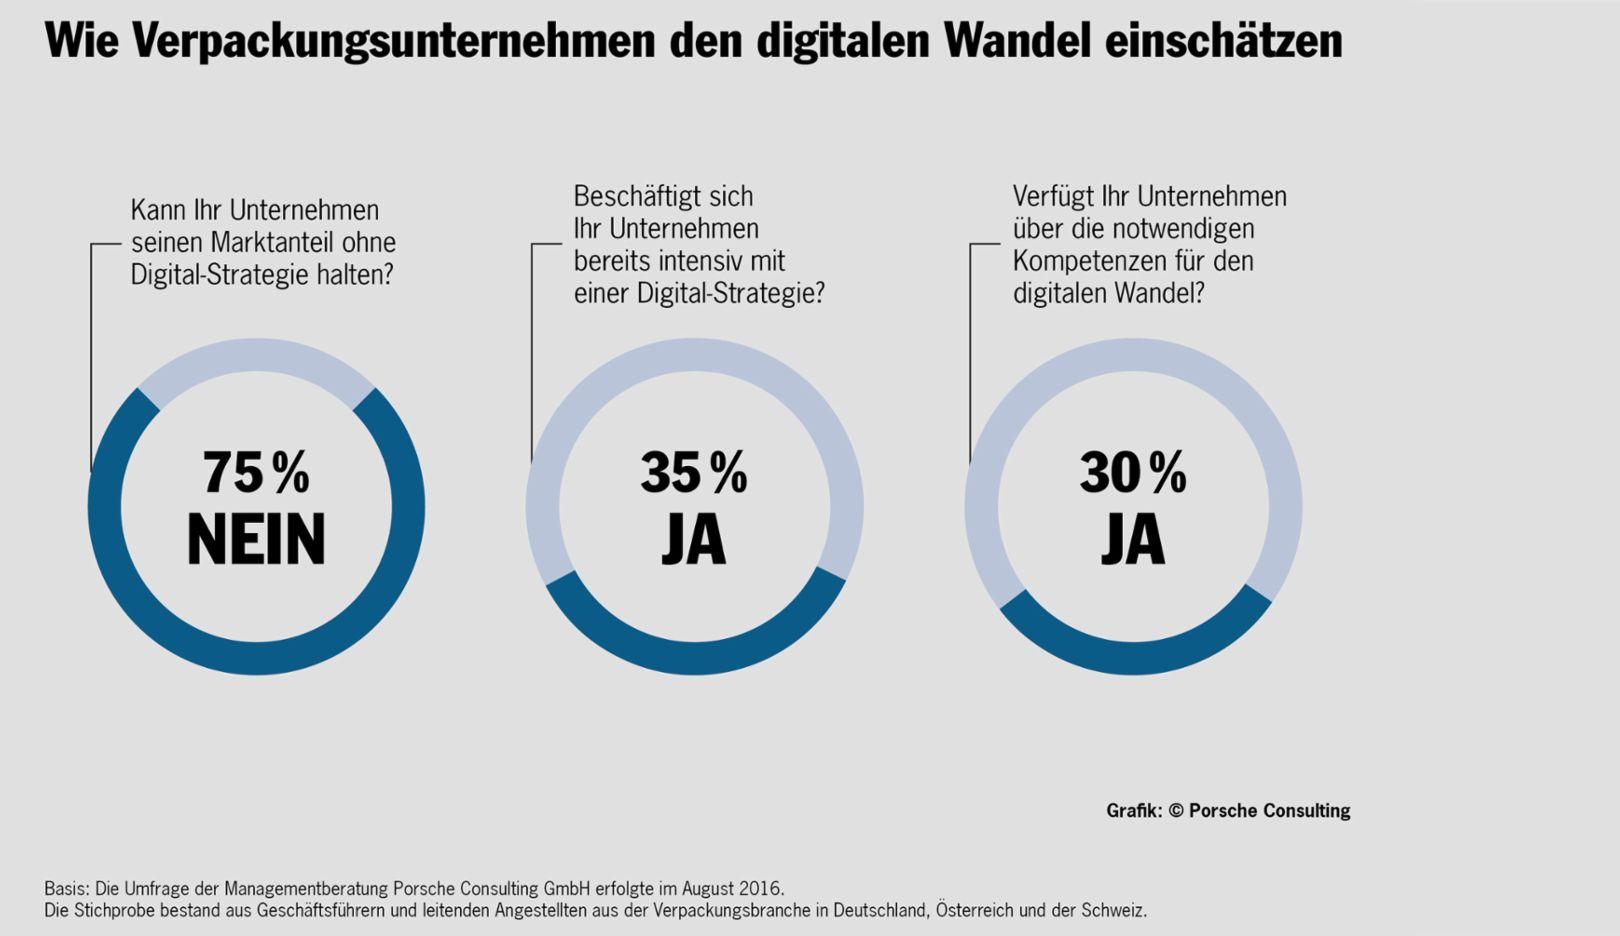 Studie: Wie digital ist die Verpackungsbranche?, 2016, Porsche Consulting GmbH